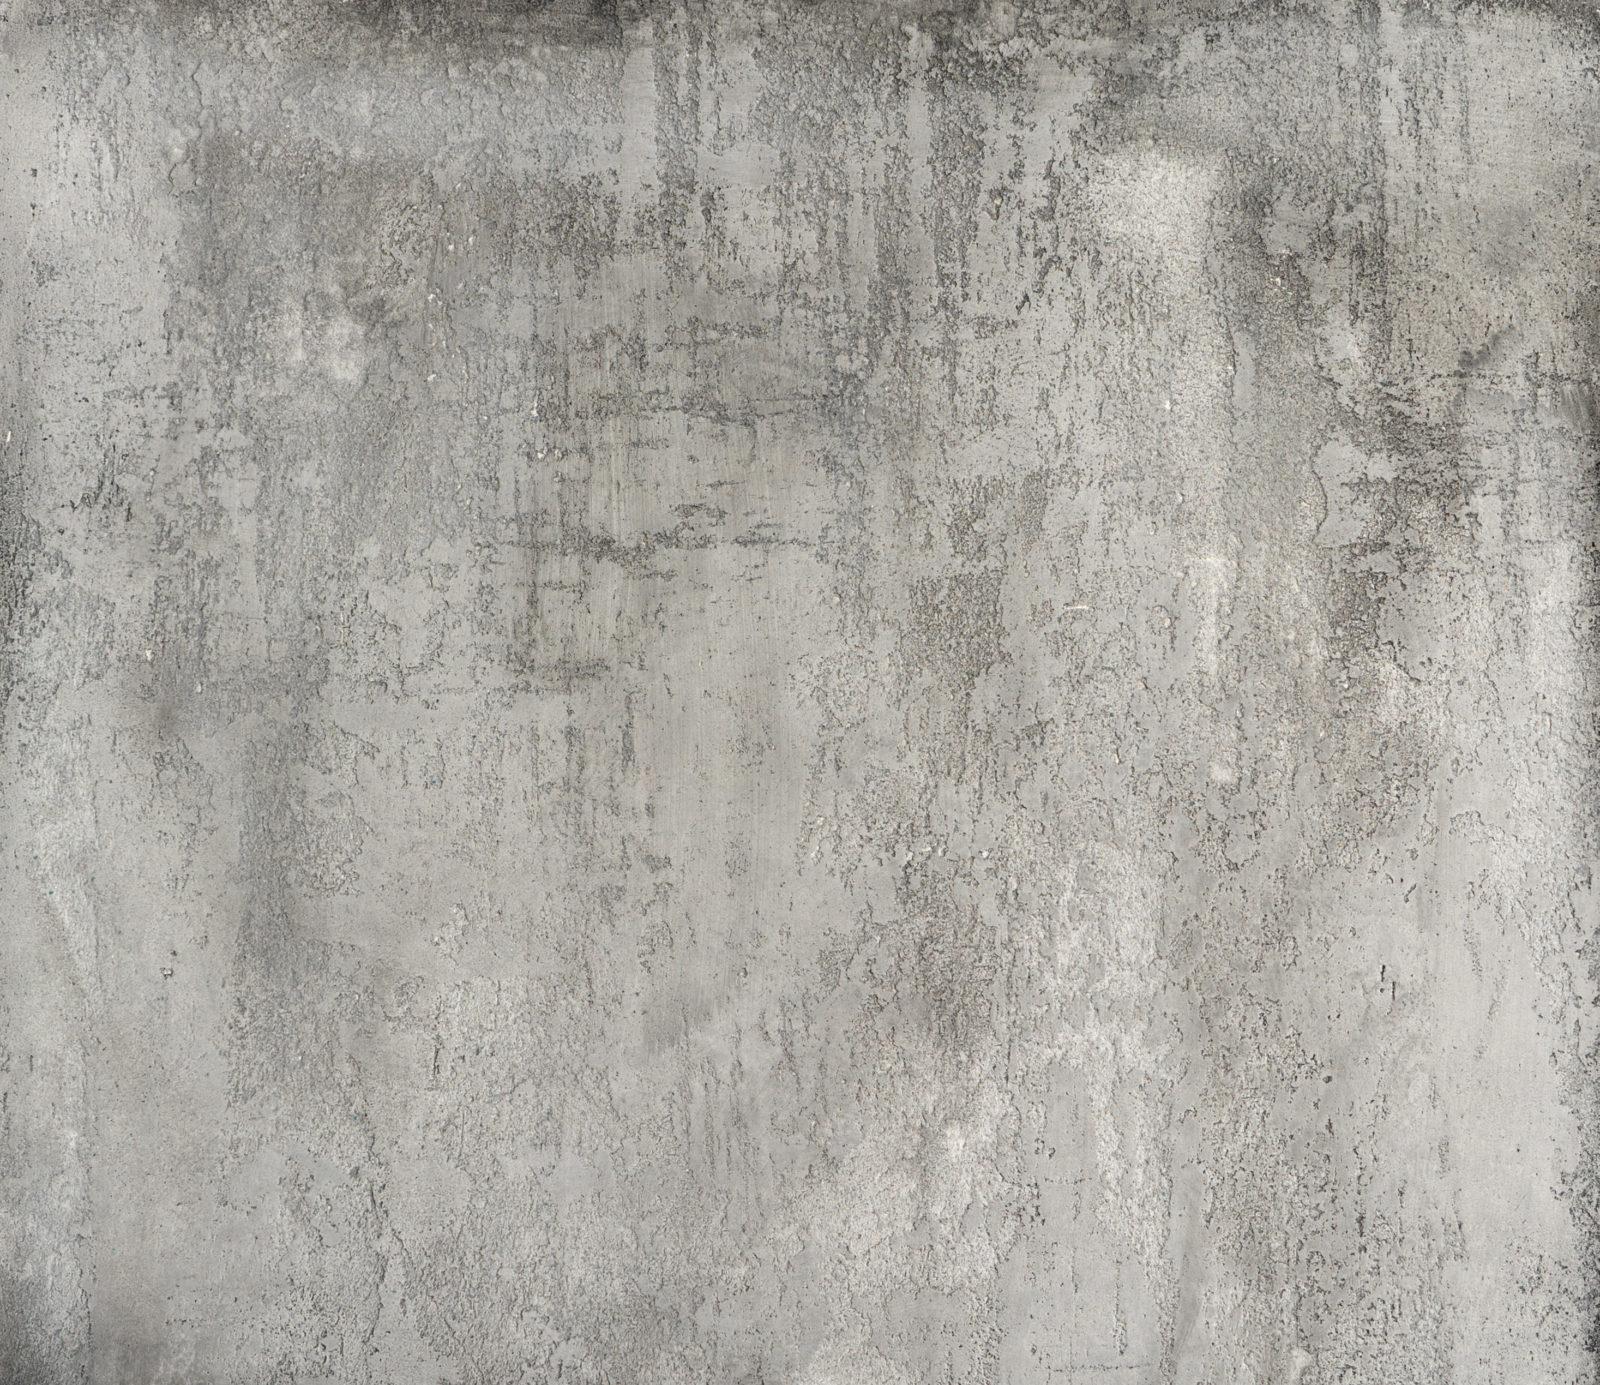 ART BETON#3 - Авторская фактура декоративный бетон